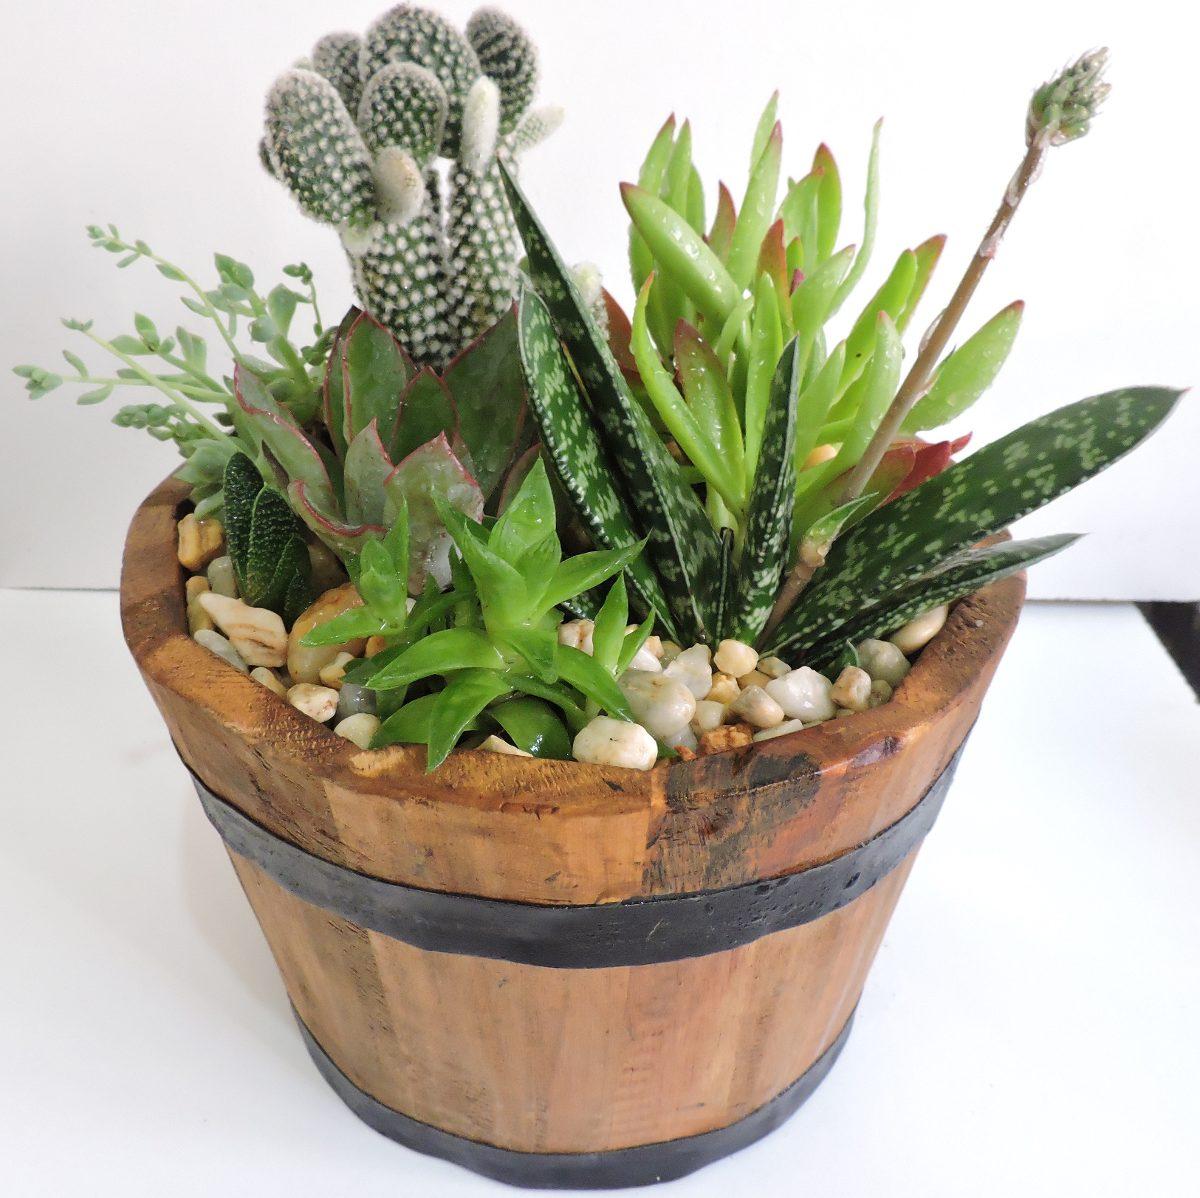 Maceta de madera con plantas suculentas o cactus 250 - Cactus en macetas pequenas ...